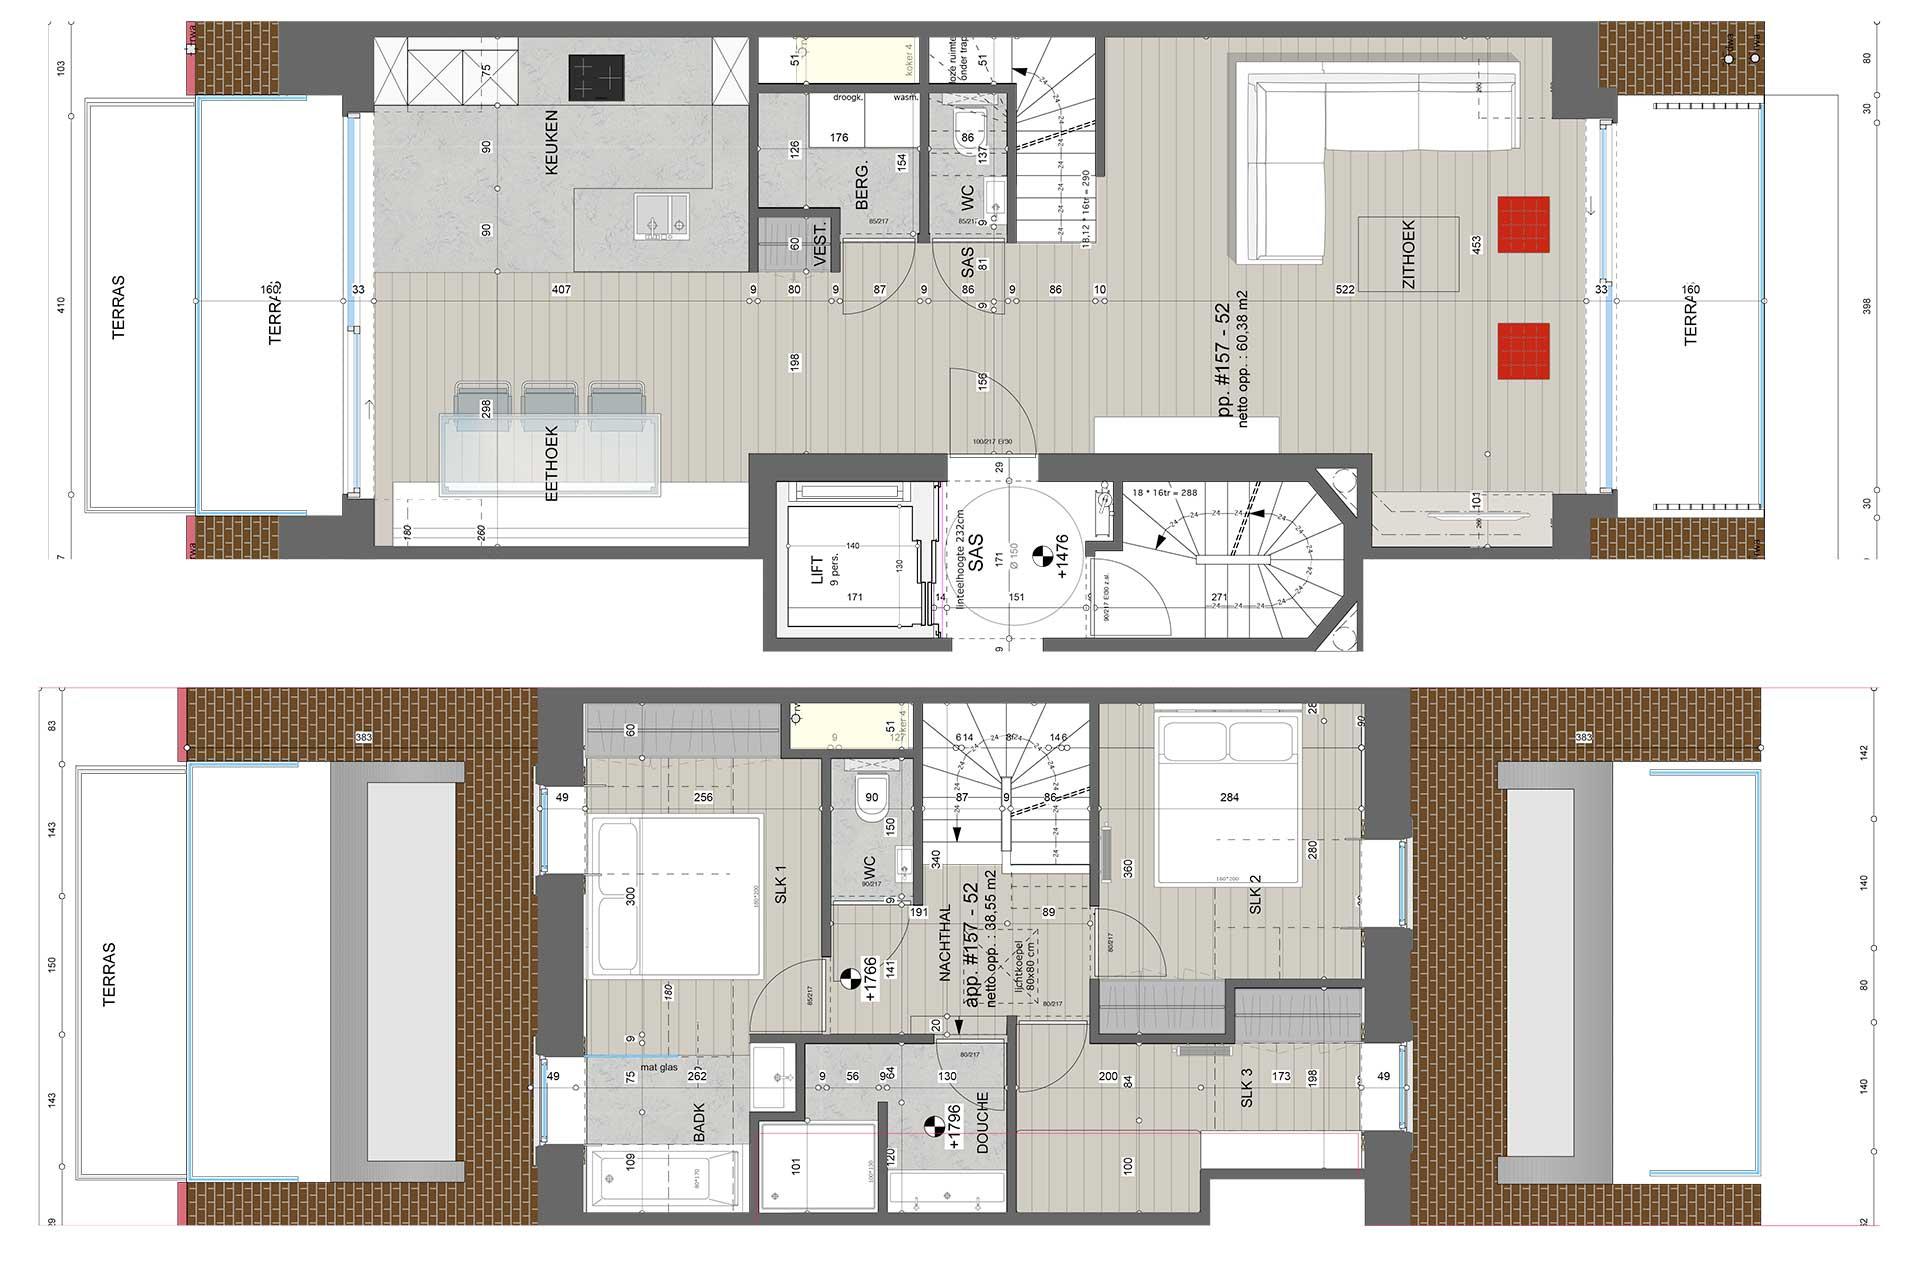 Residentie <br/> Fontana - image residentie-fontana-appartement-te-koop-knokke-plannen-157-52-2 on https://hoprom.be